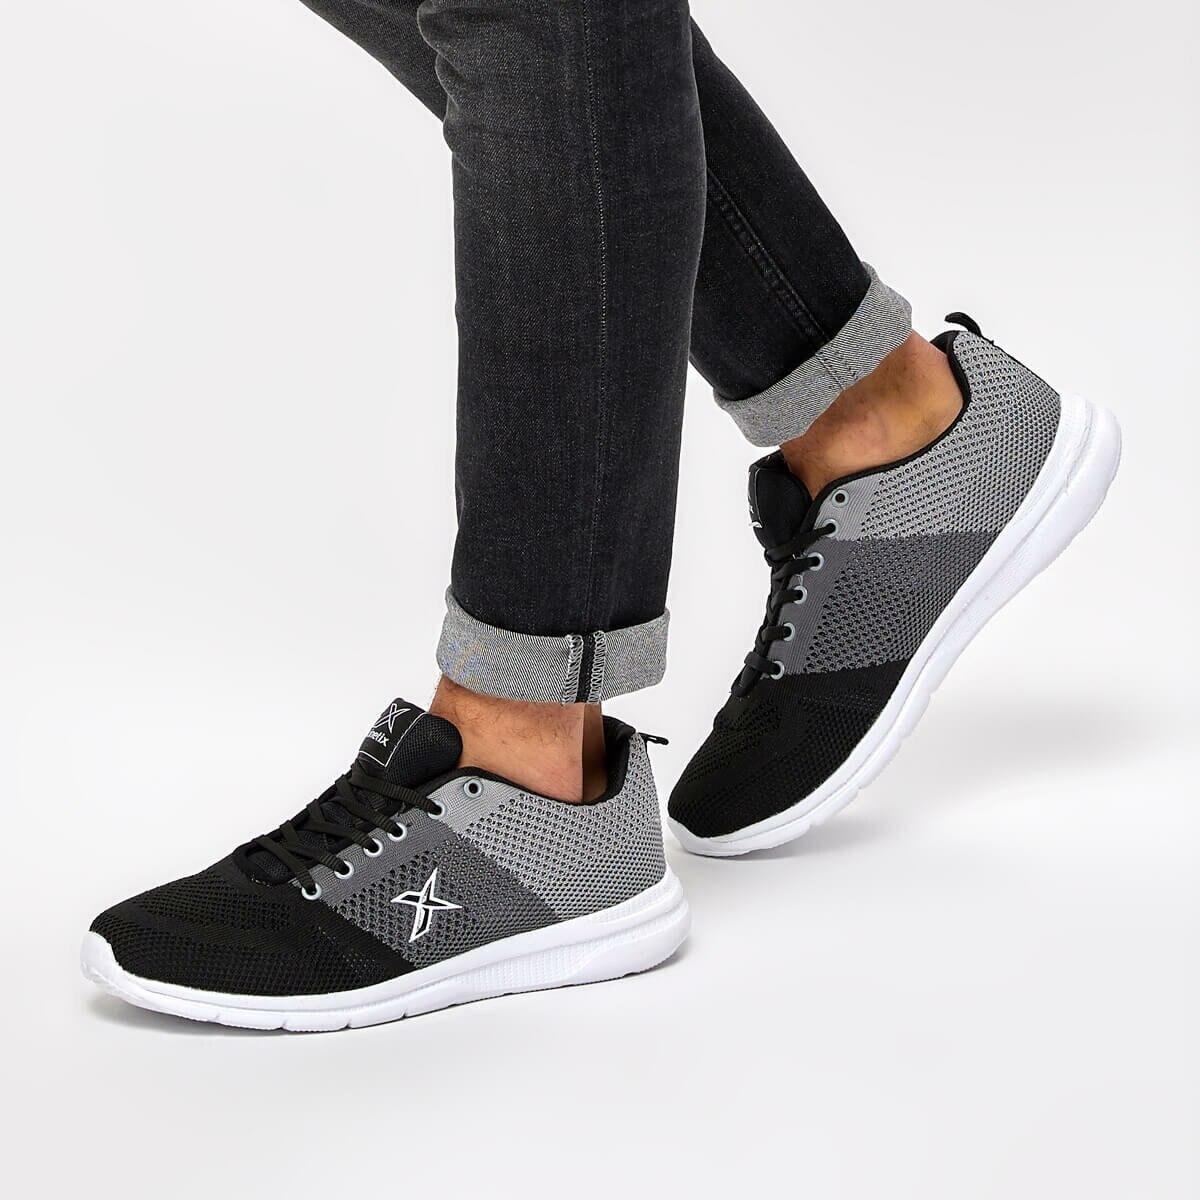 FLO FINARE Black Men 'S Sneaker Shoes KINETIX